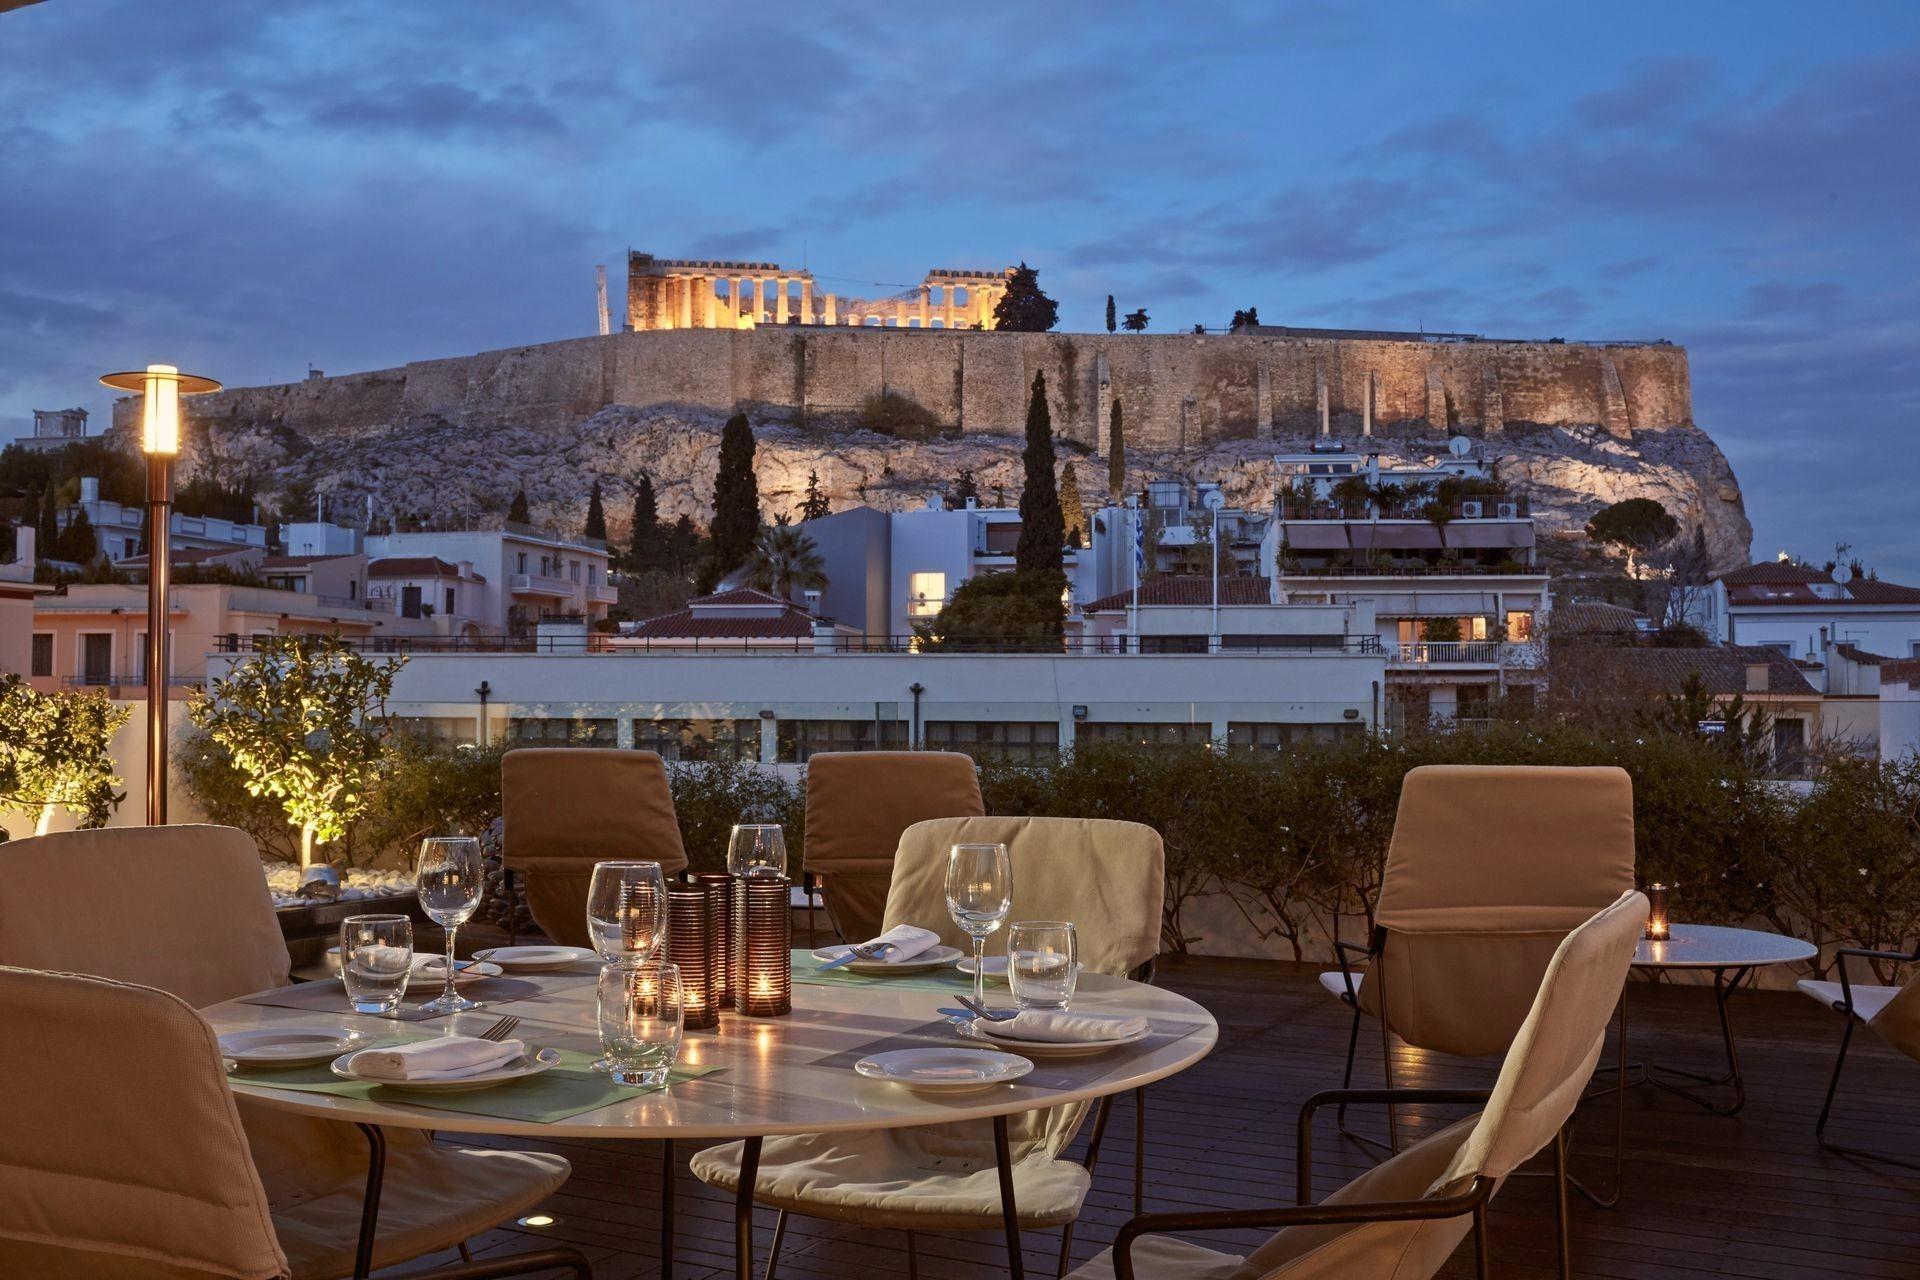 Αθήνα: 15 ξενοδοχεία και εστιατόρια με την πιο μαγευτική θέα σύμφωνα με διάσημο ταξιδιωτικό site! (photos)